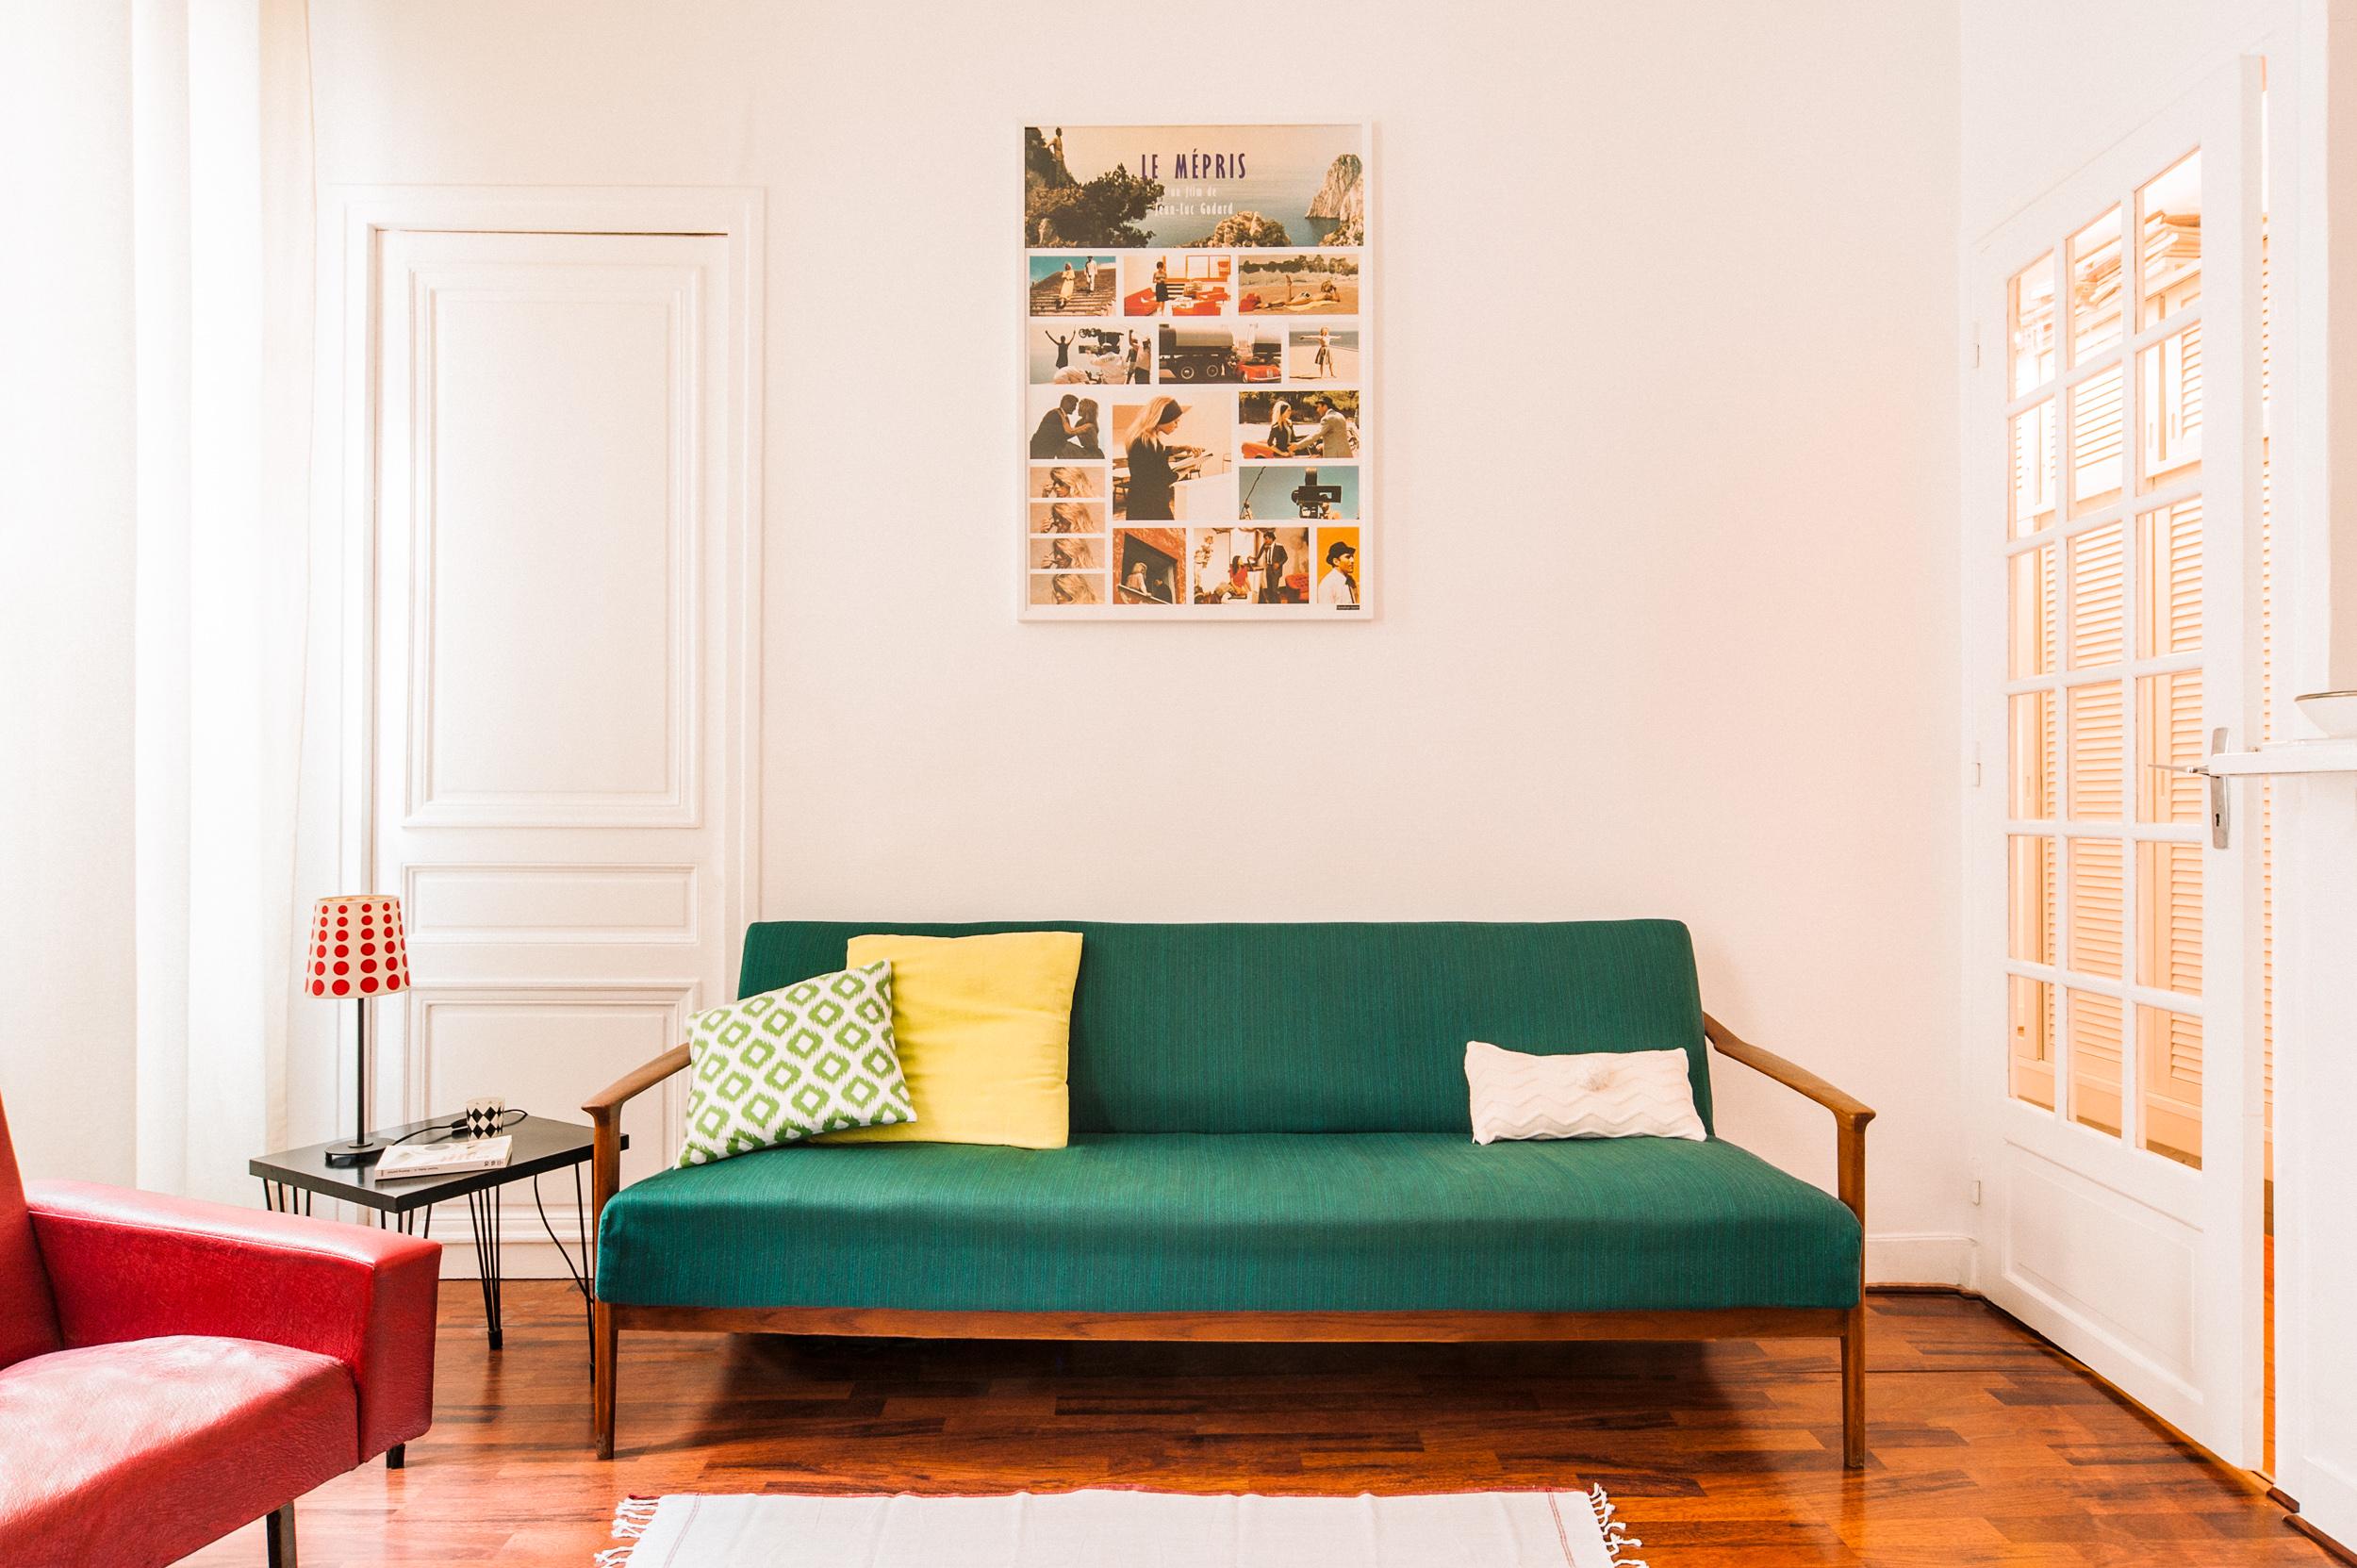 3 pi ces rue de navarin paris marion alberge d coratrice d 39 int rieur paris. Black Bedroom Furniture Sets. Home Design Ideas